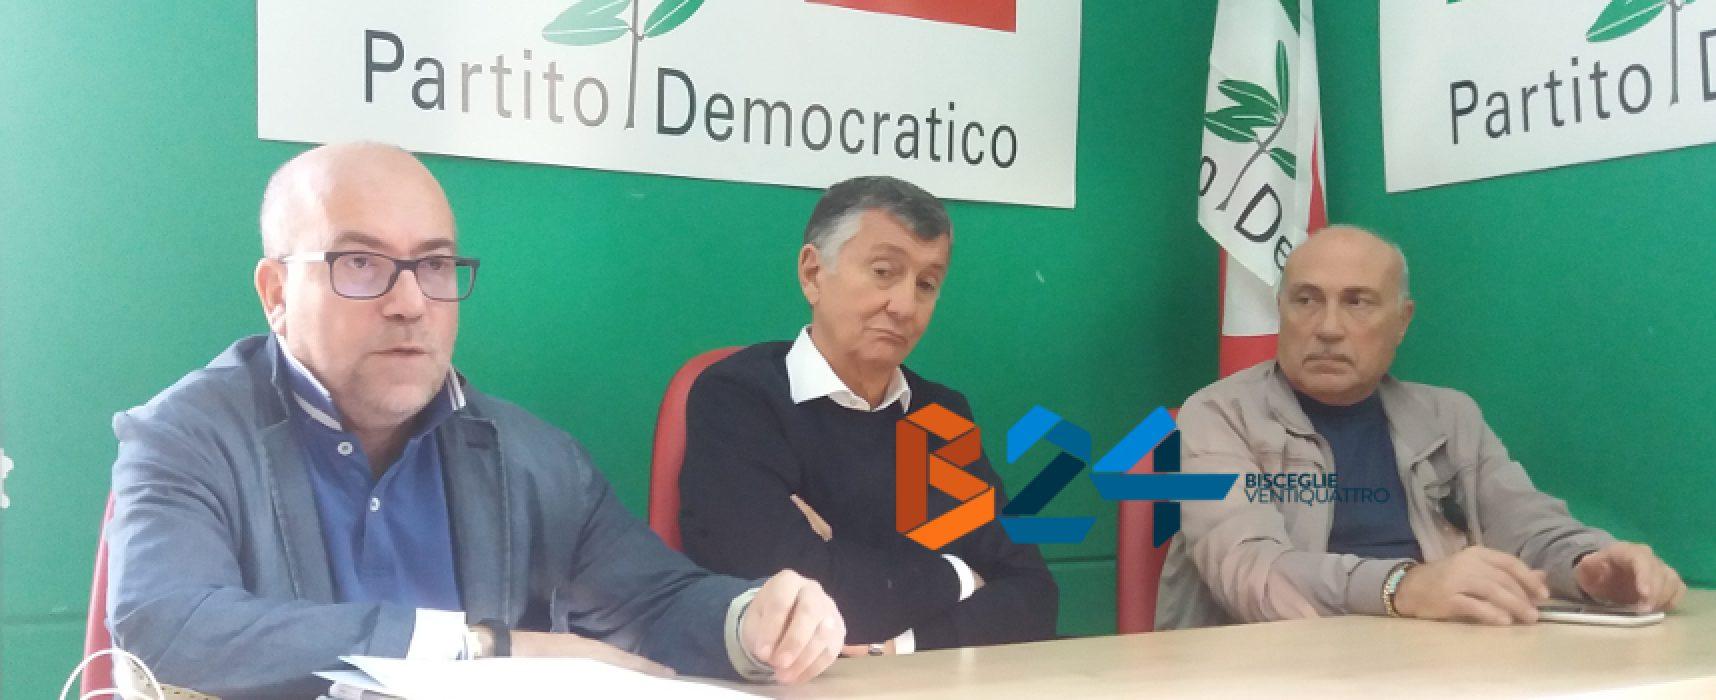 """Di Fazio commissario Pd Bisceglie: """"Ricompattare partito partendo da rinnovamento"""""""